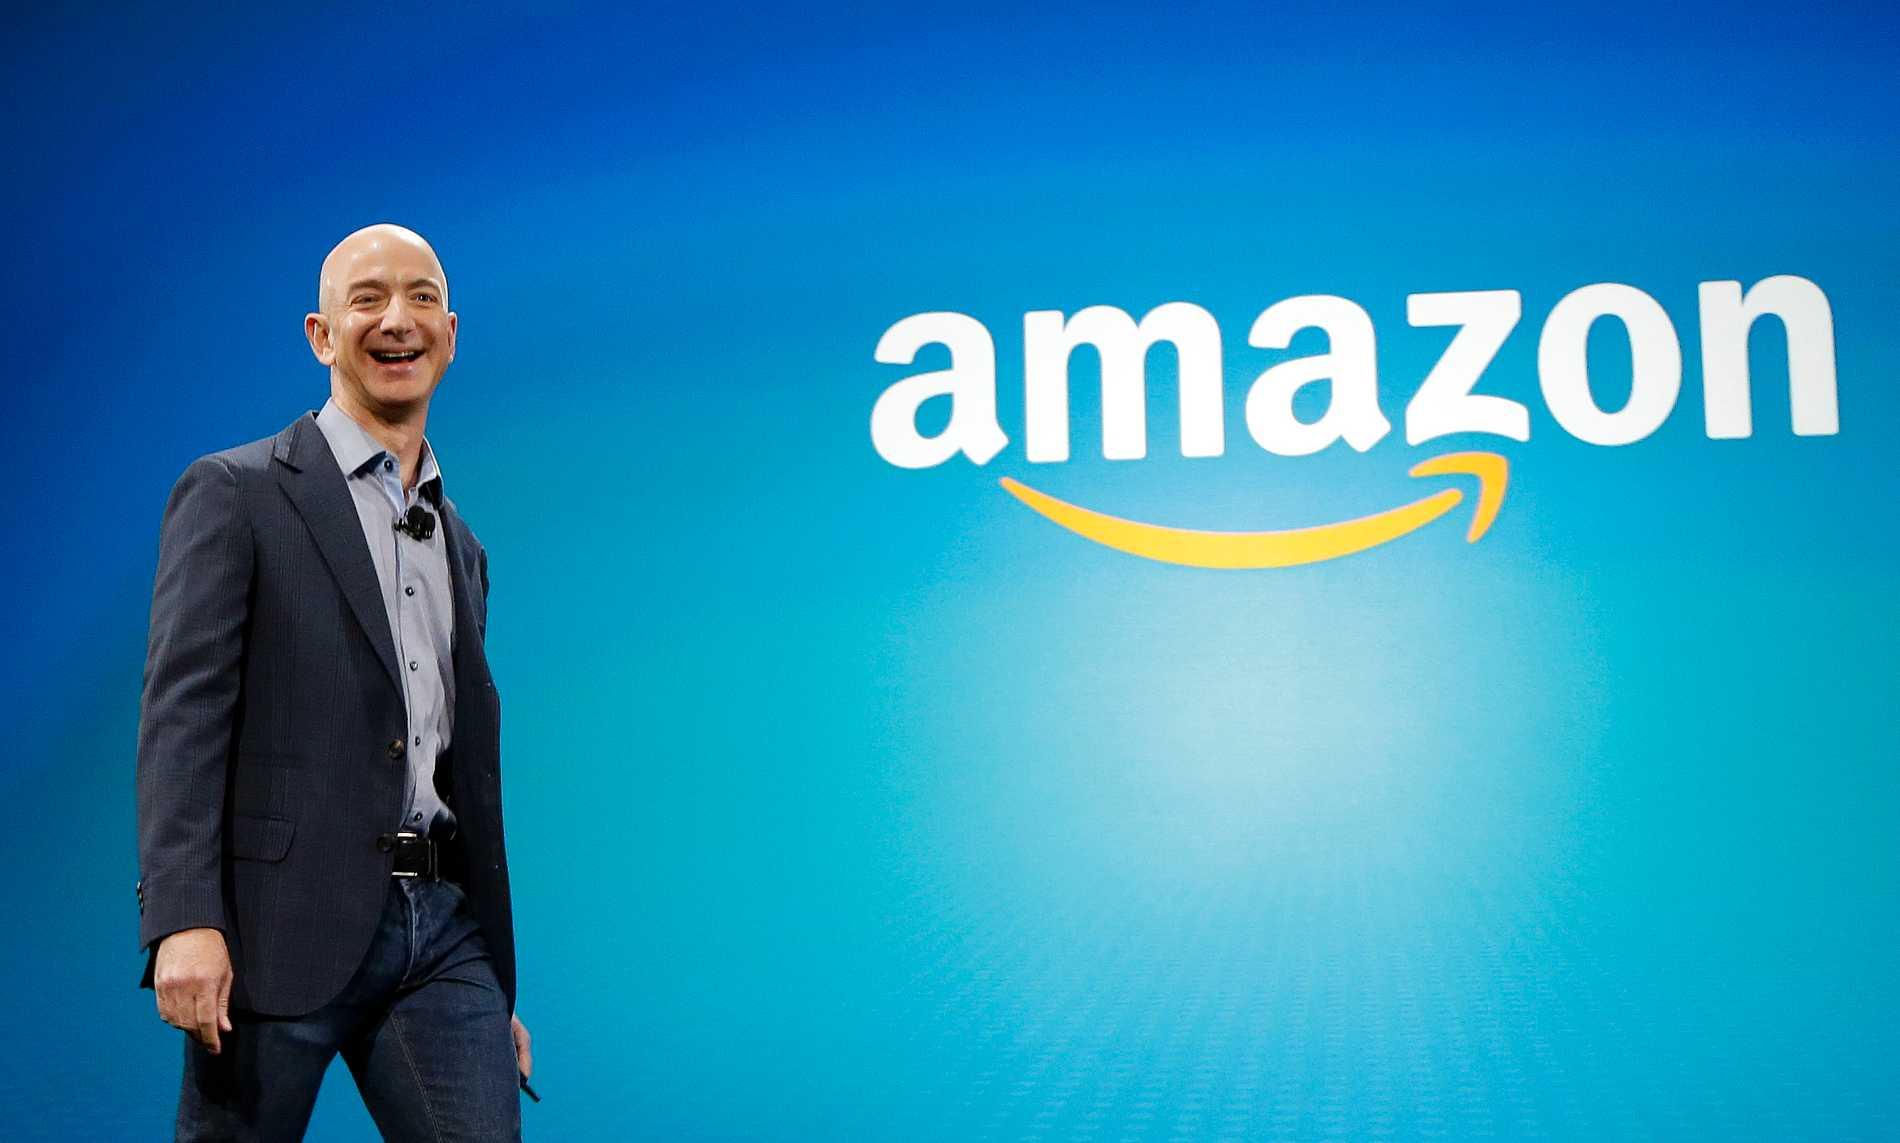 Amazons ägare Jeff Bezos har inrättat en stiftelse på två miljarder dollar som ska arbeta mot hemlöshet.